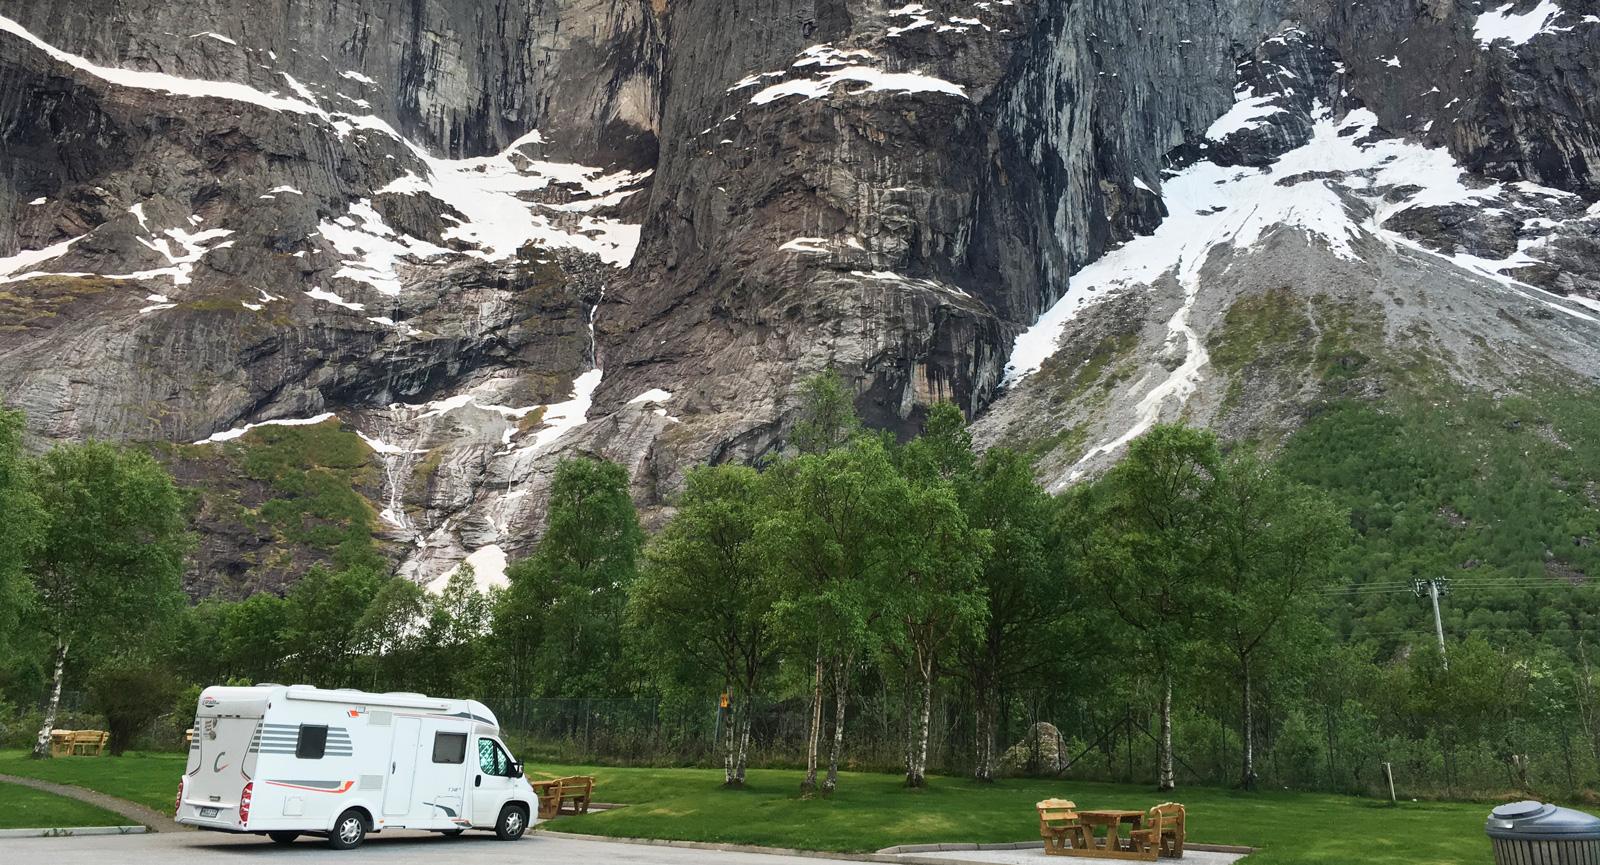 Trollväggens lodräta brant är 1000 m hög och hela berget är 1700 m högt.  Camping och parkering finns intill.